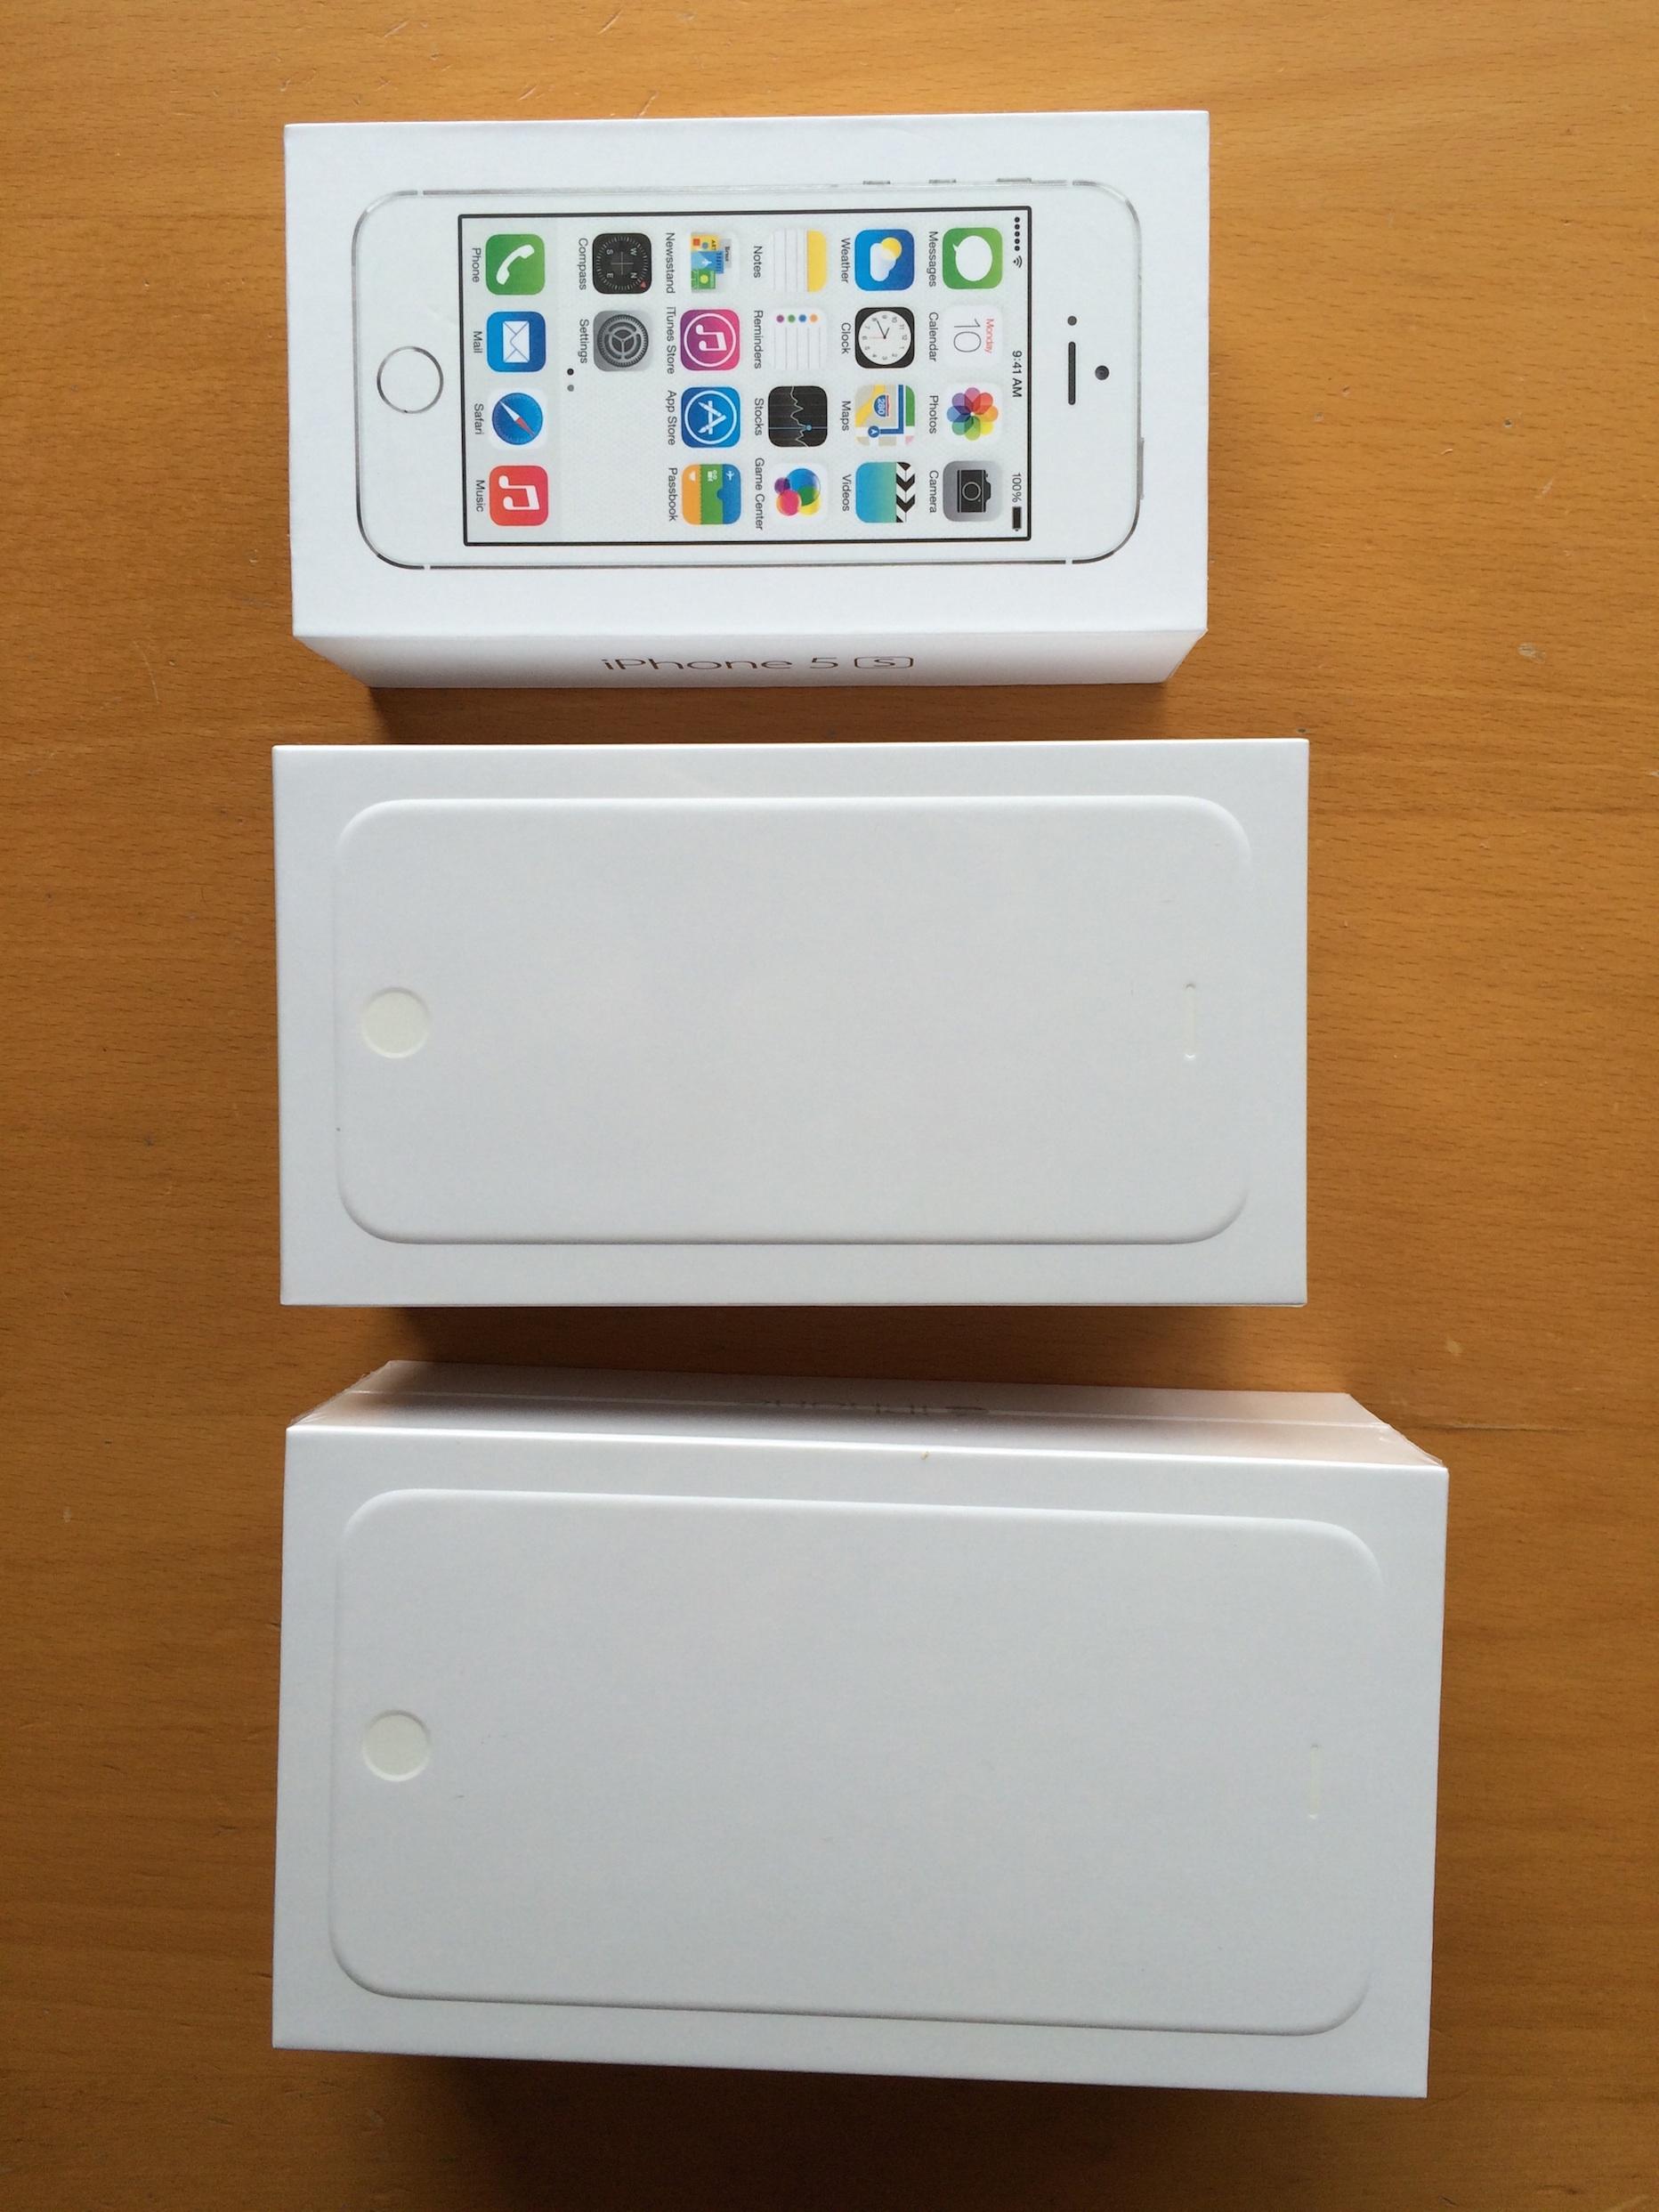 iPhone 6 ve 6 Plus ilk Türkçe kutu açılımı ve görsel inceleme